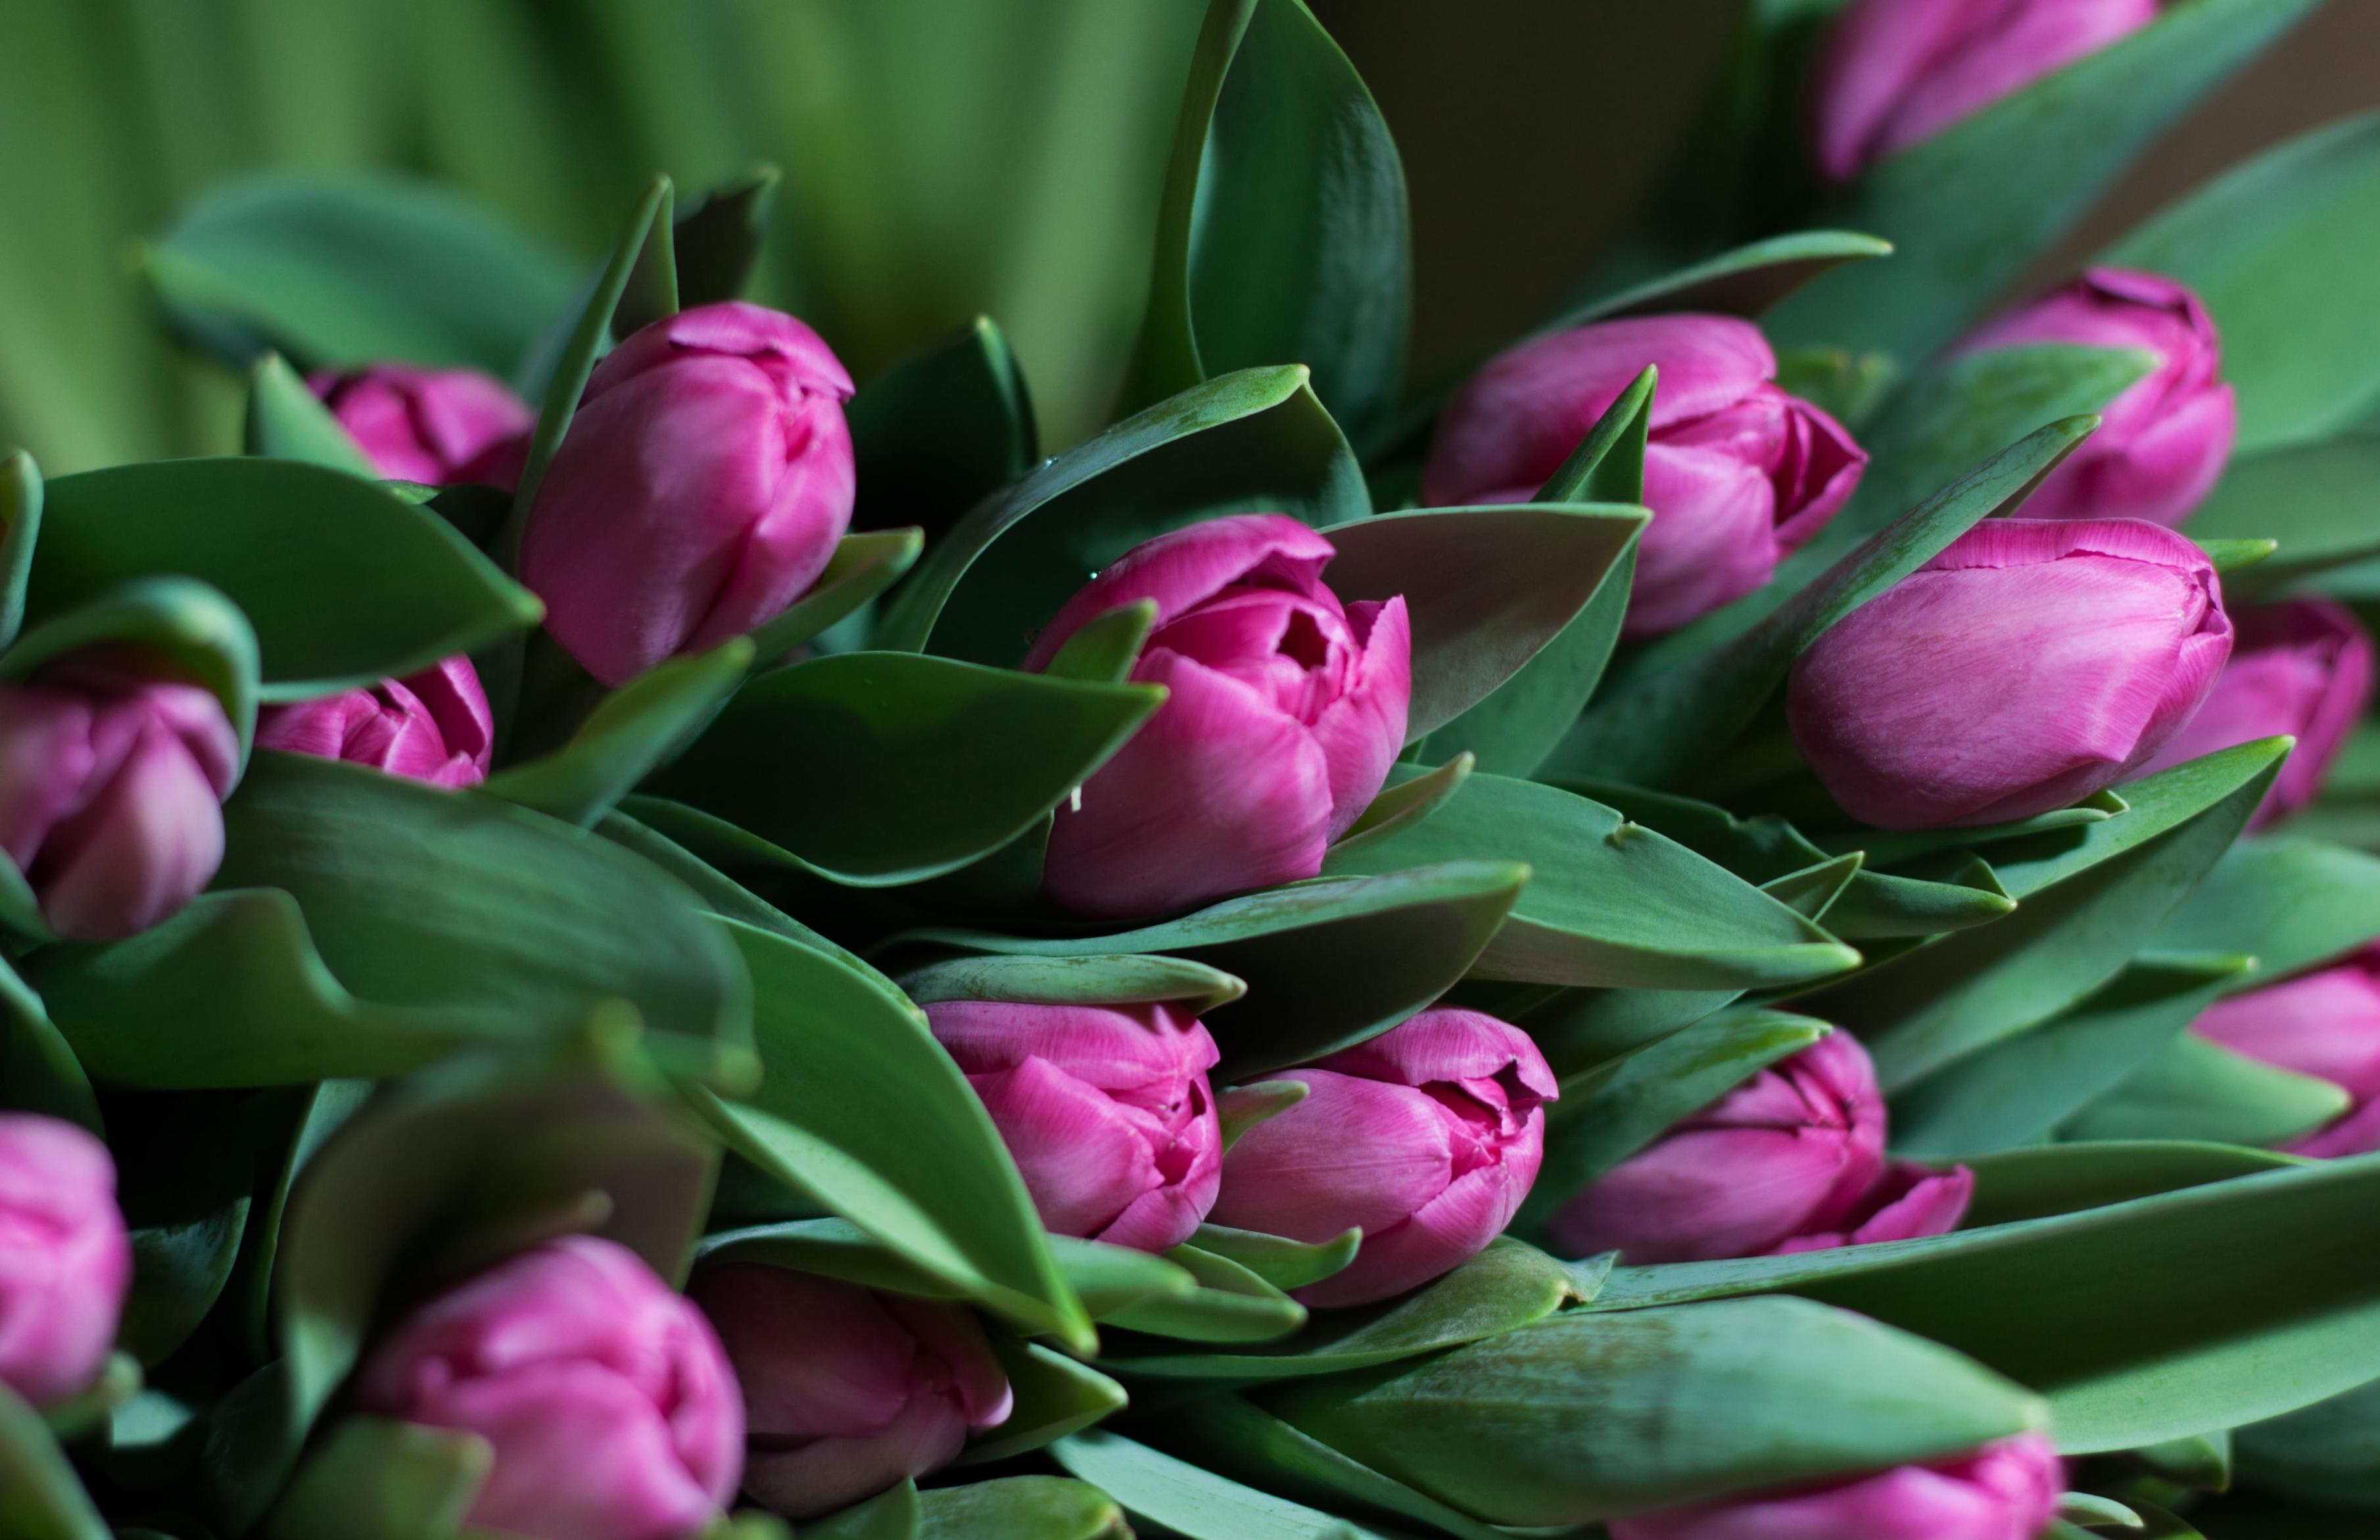 tulip-photo-33